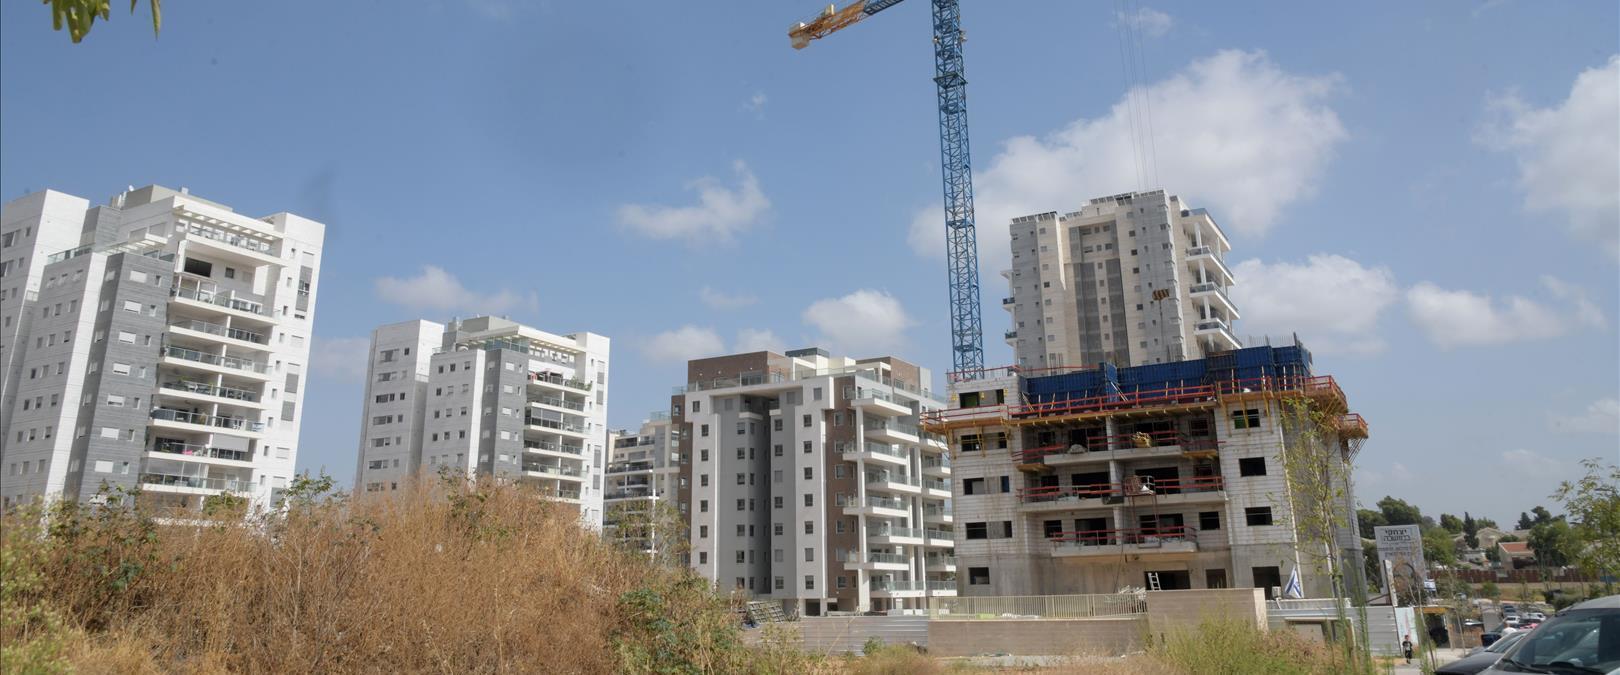 אתר בנייה בבאר יעקב